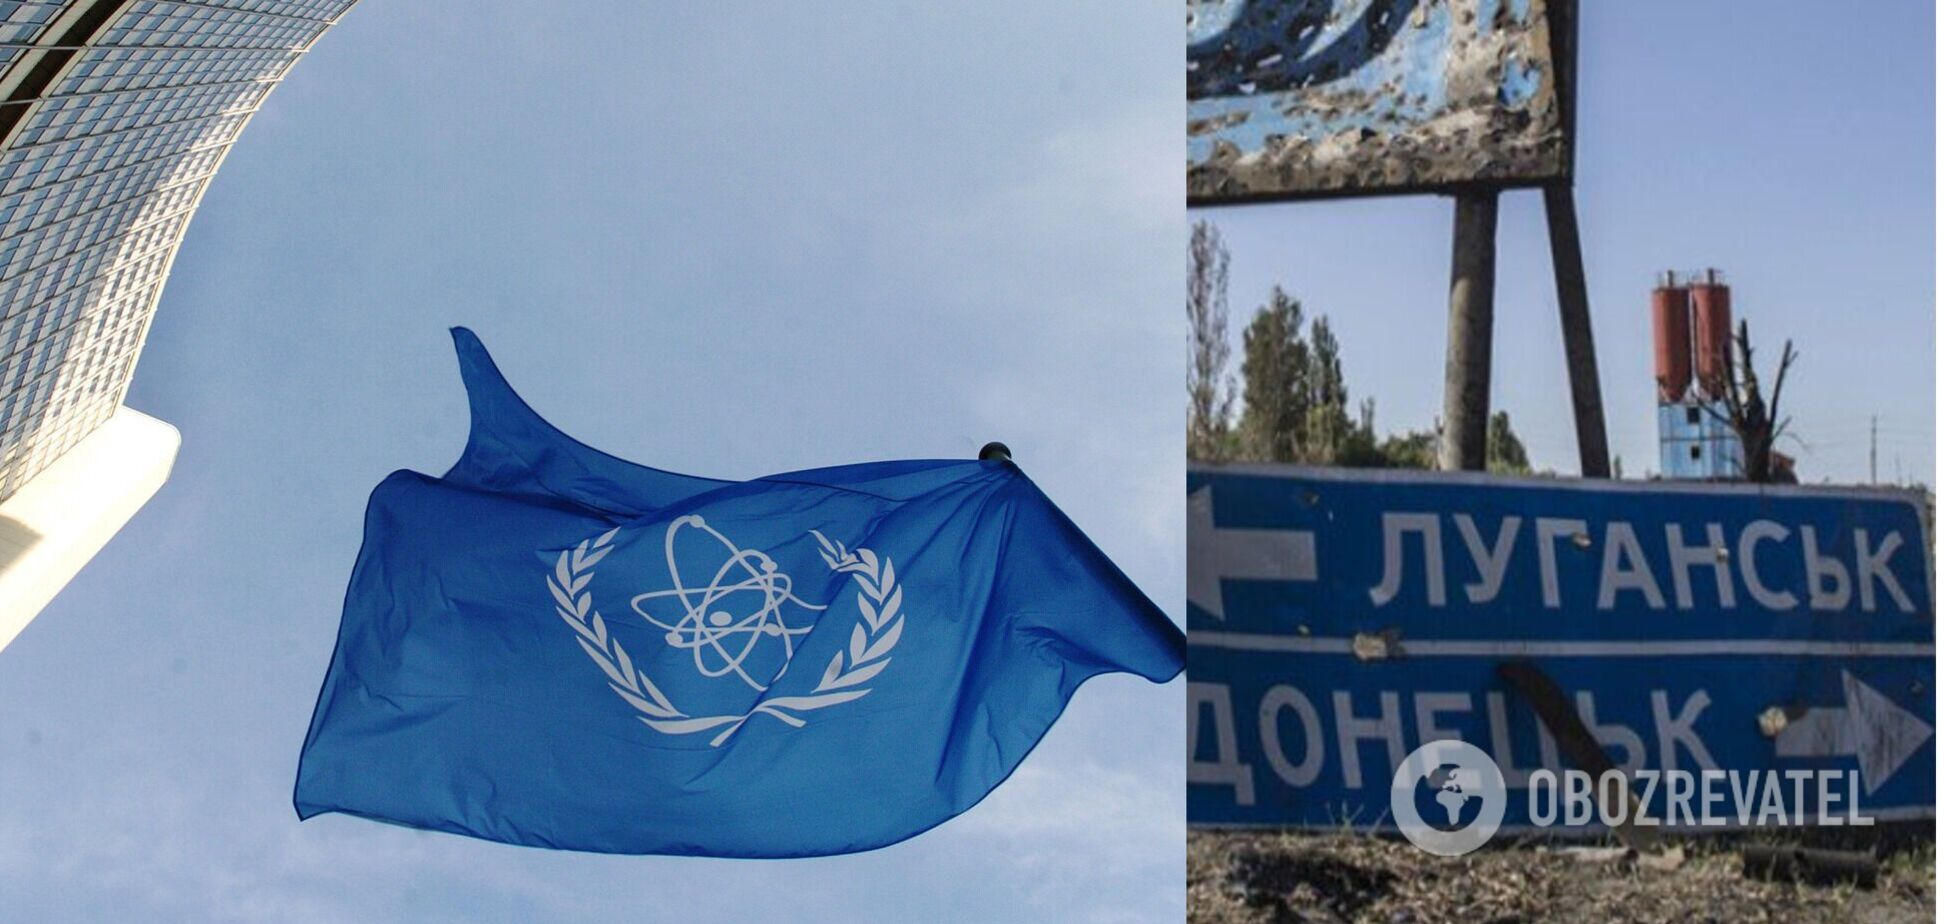 Украина потребовала от России допустить МАГАТЭ на Донбасс для контроля ядерных объектов